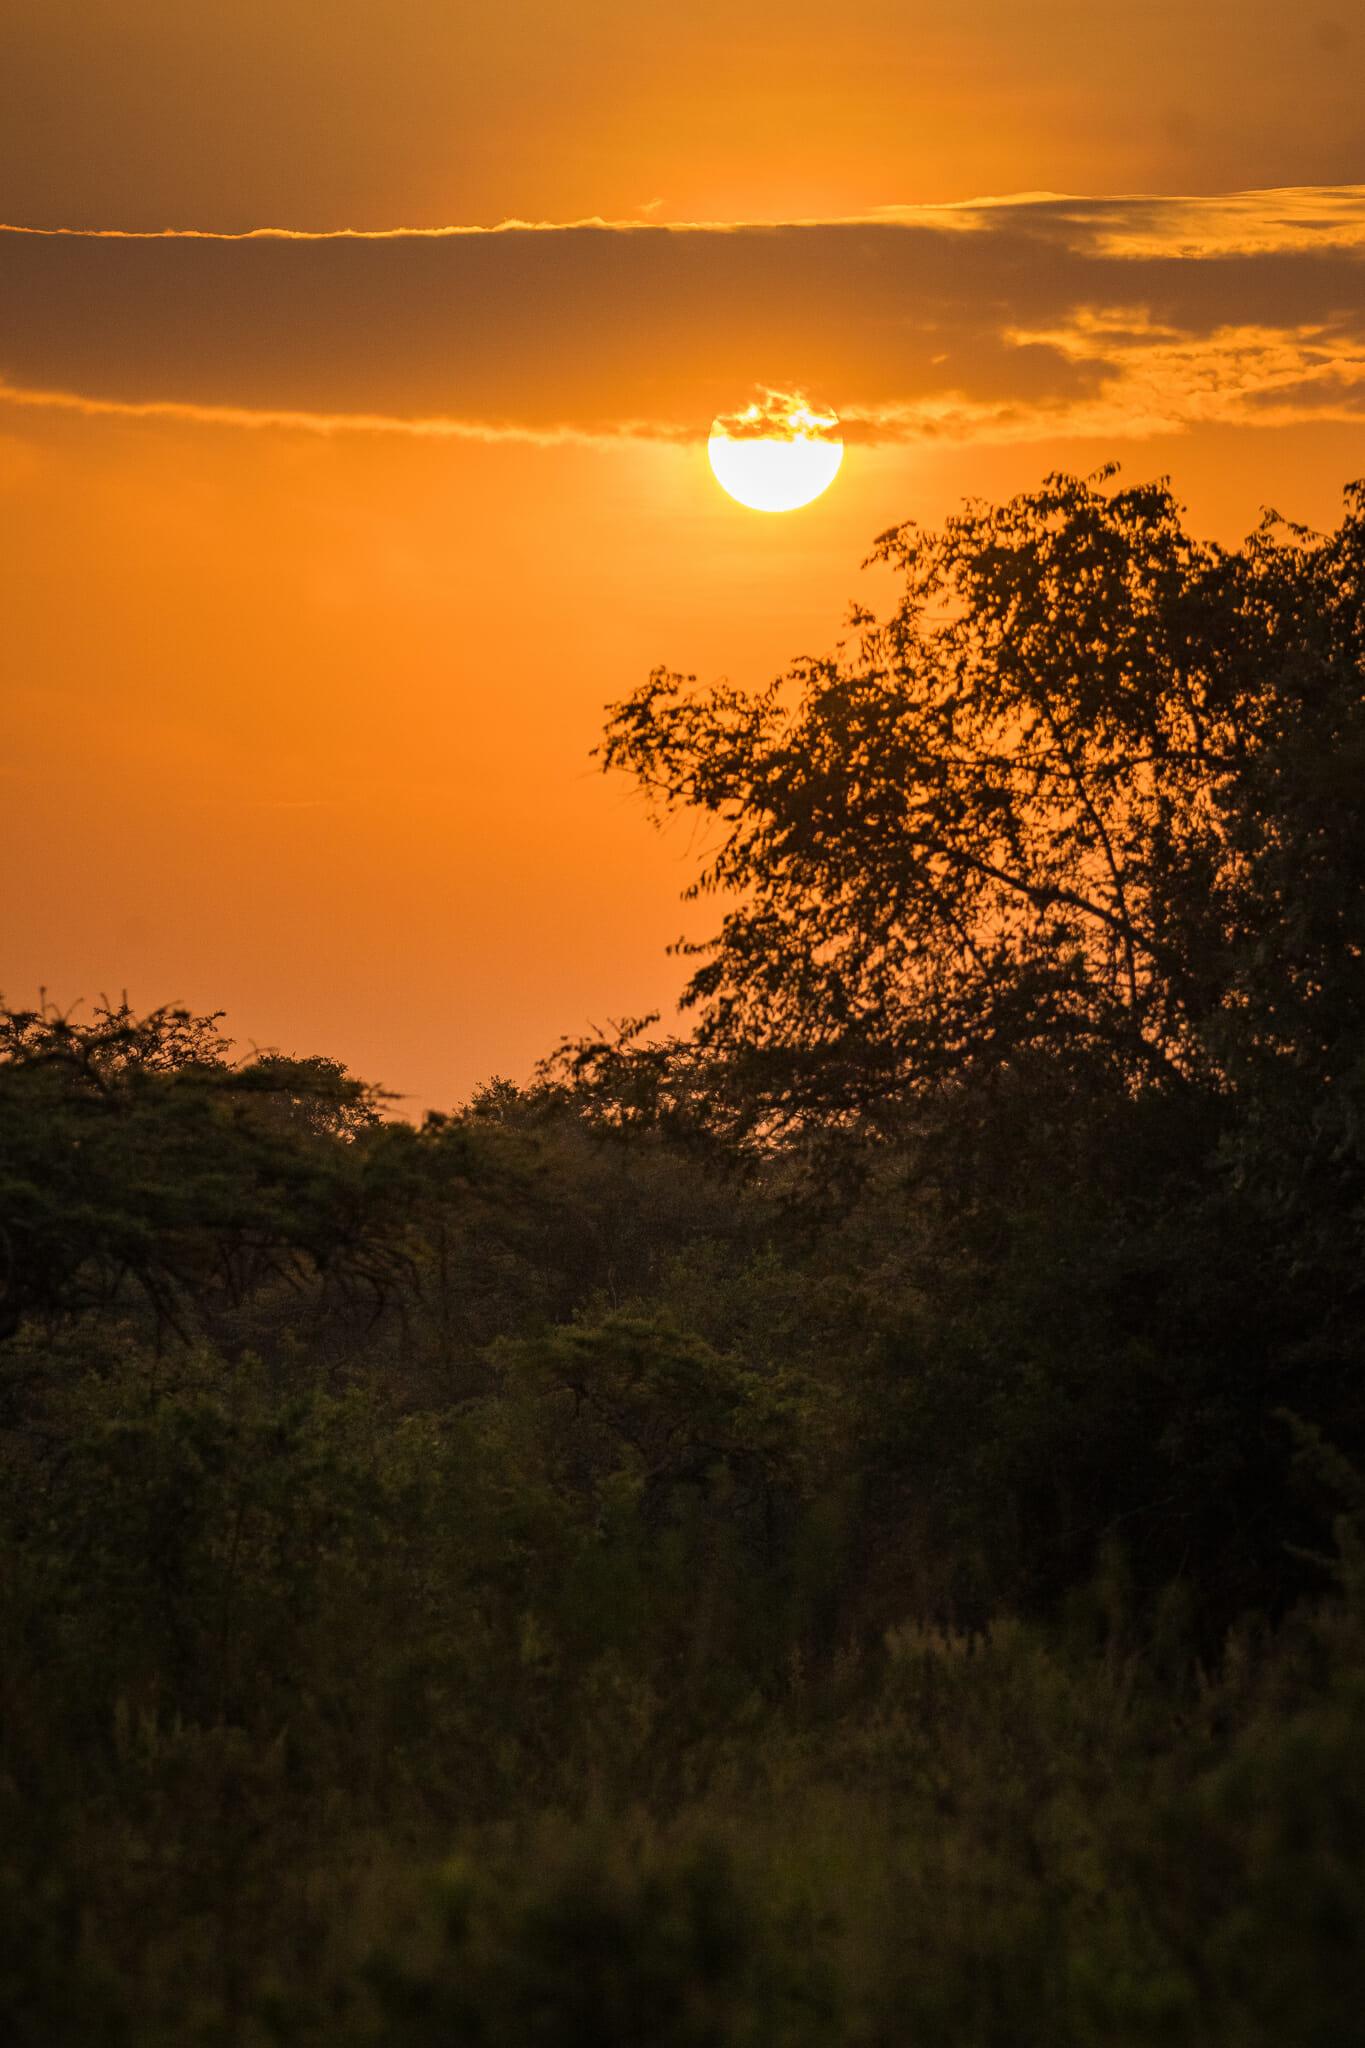 coucher de soleil sur le parc mburo en ouganda